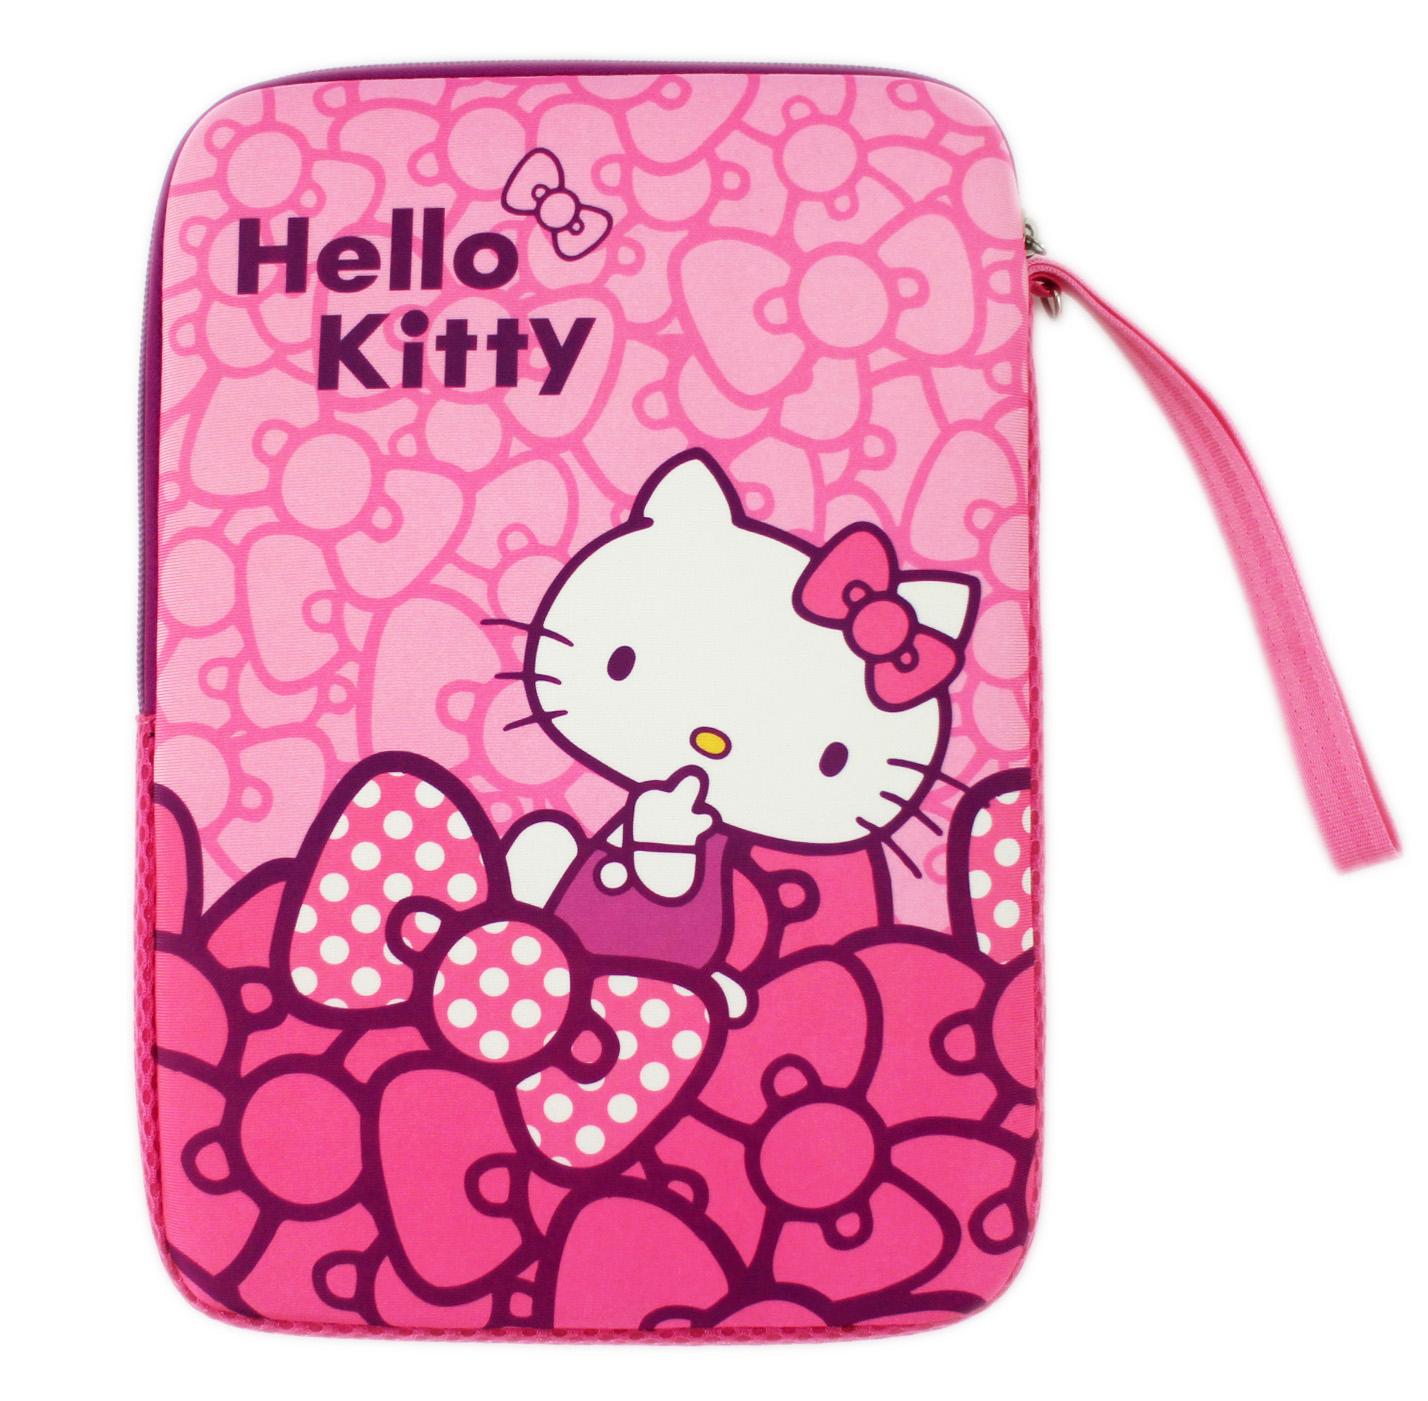 【卡漫城】 Hello Kitty 10.1吋 筆記型電腦 保護袋 直式 ㊣版 平板 手提袋 筆電 避震 彈膠型 防護袋